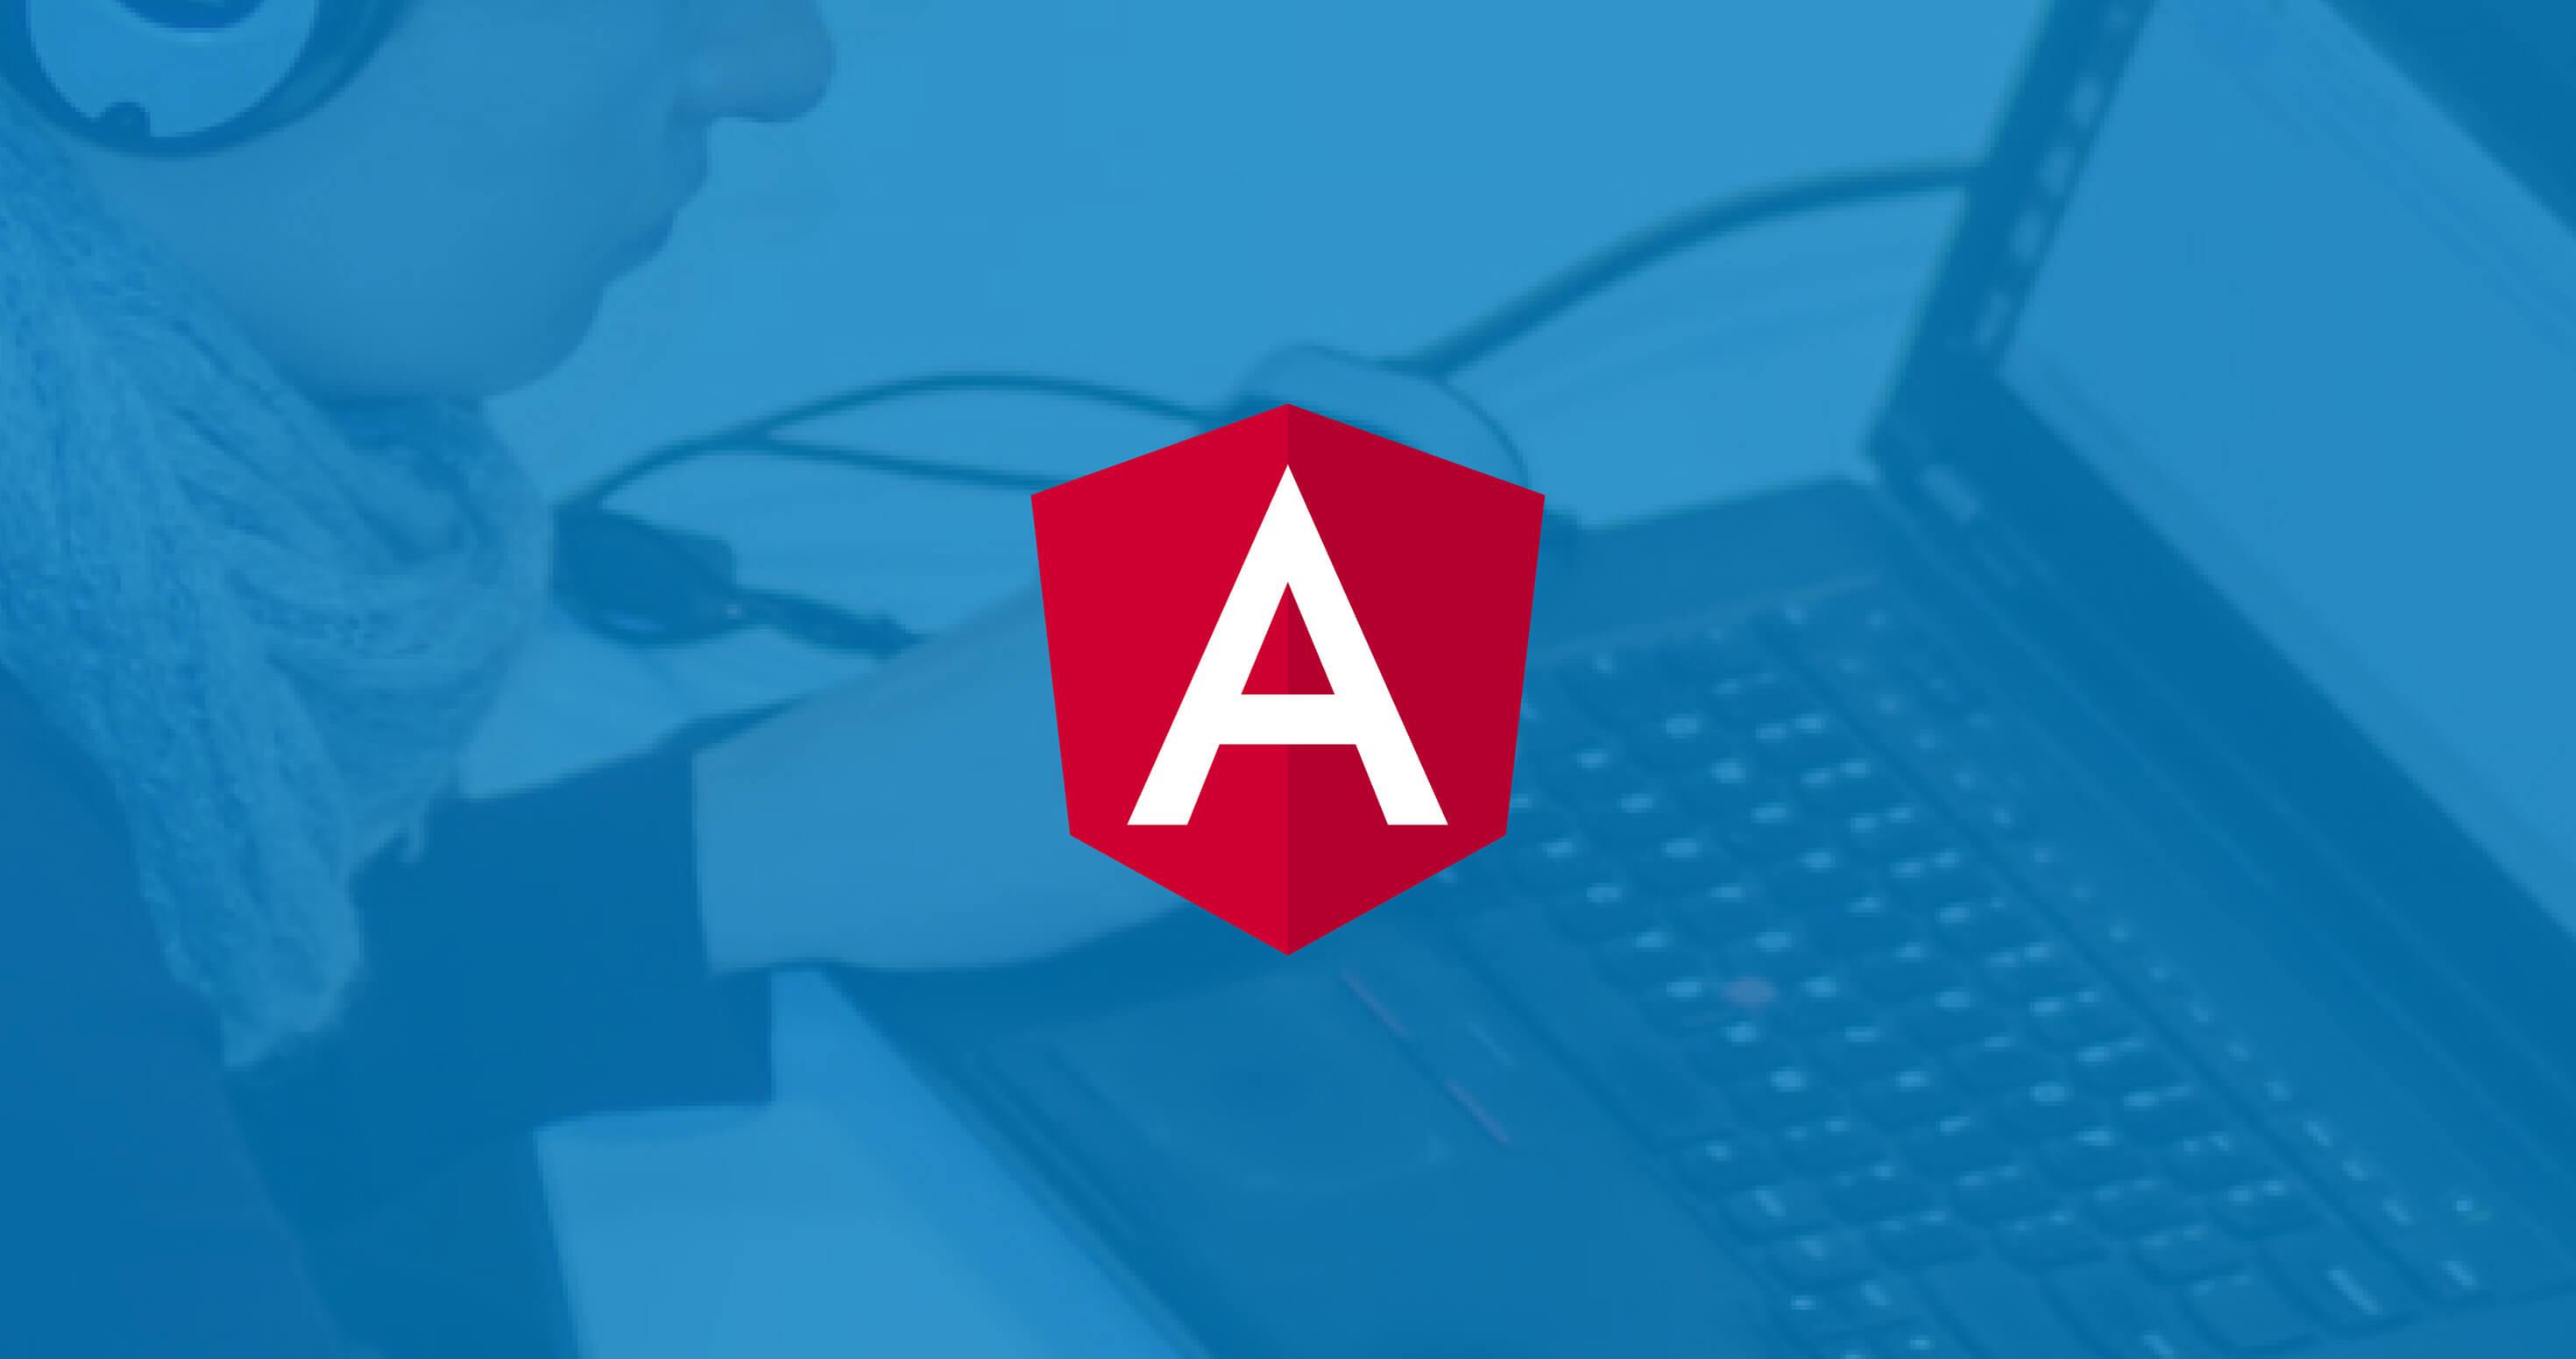 AngularJS Open-Source Frontend Application Framework